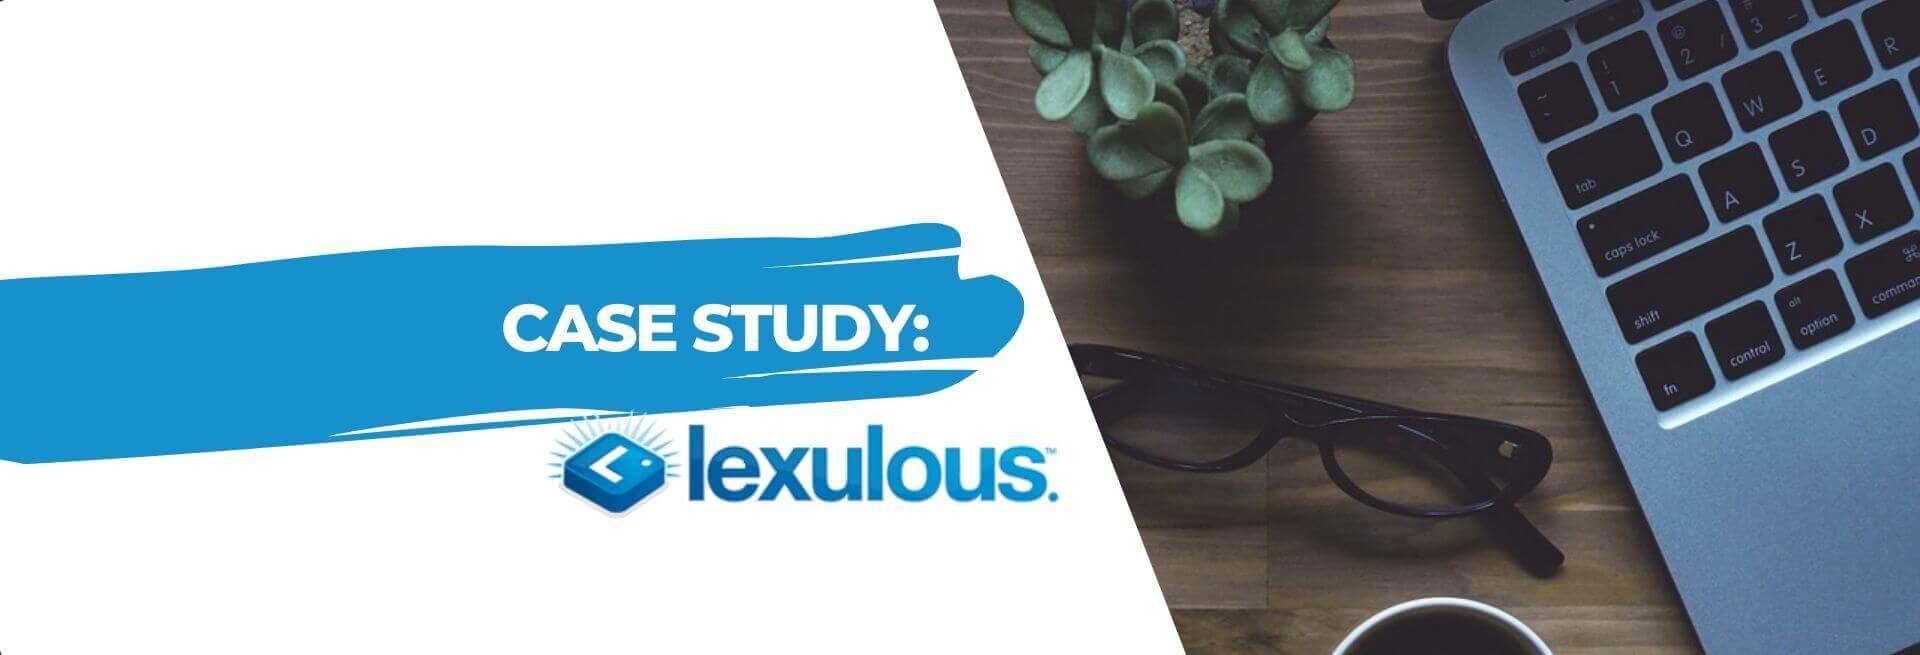 lexulous.com case study with setupad.com